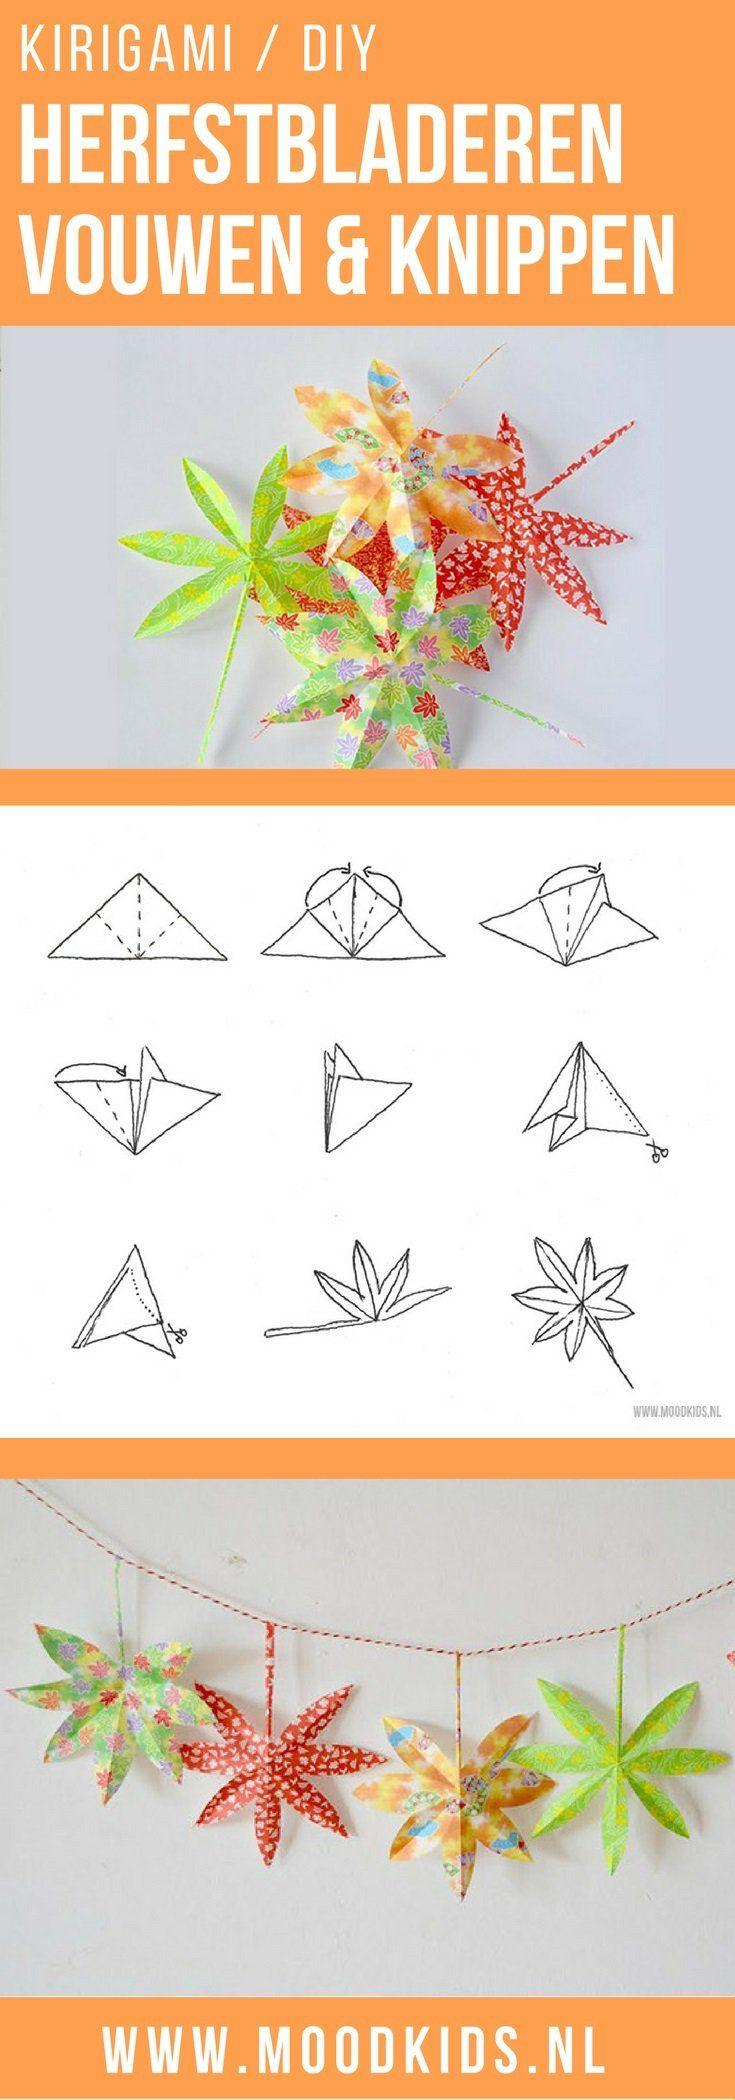 Roppongi maakte voor een erg leuke kirigami herfstslinger. Wat kirigami is? In het japans betekent dat knippen van papier. Origami is vouwen van papier. Lees hier hoe je de herfstbladeren maakt.